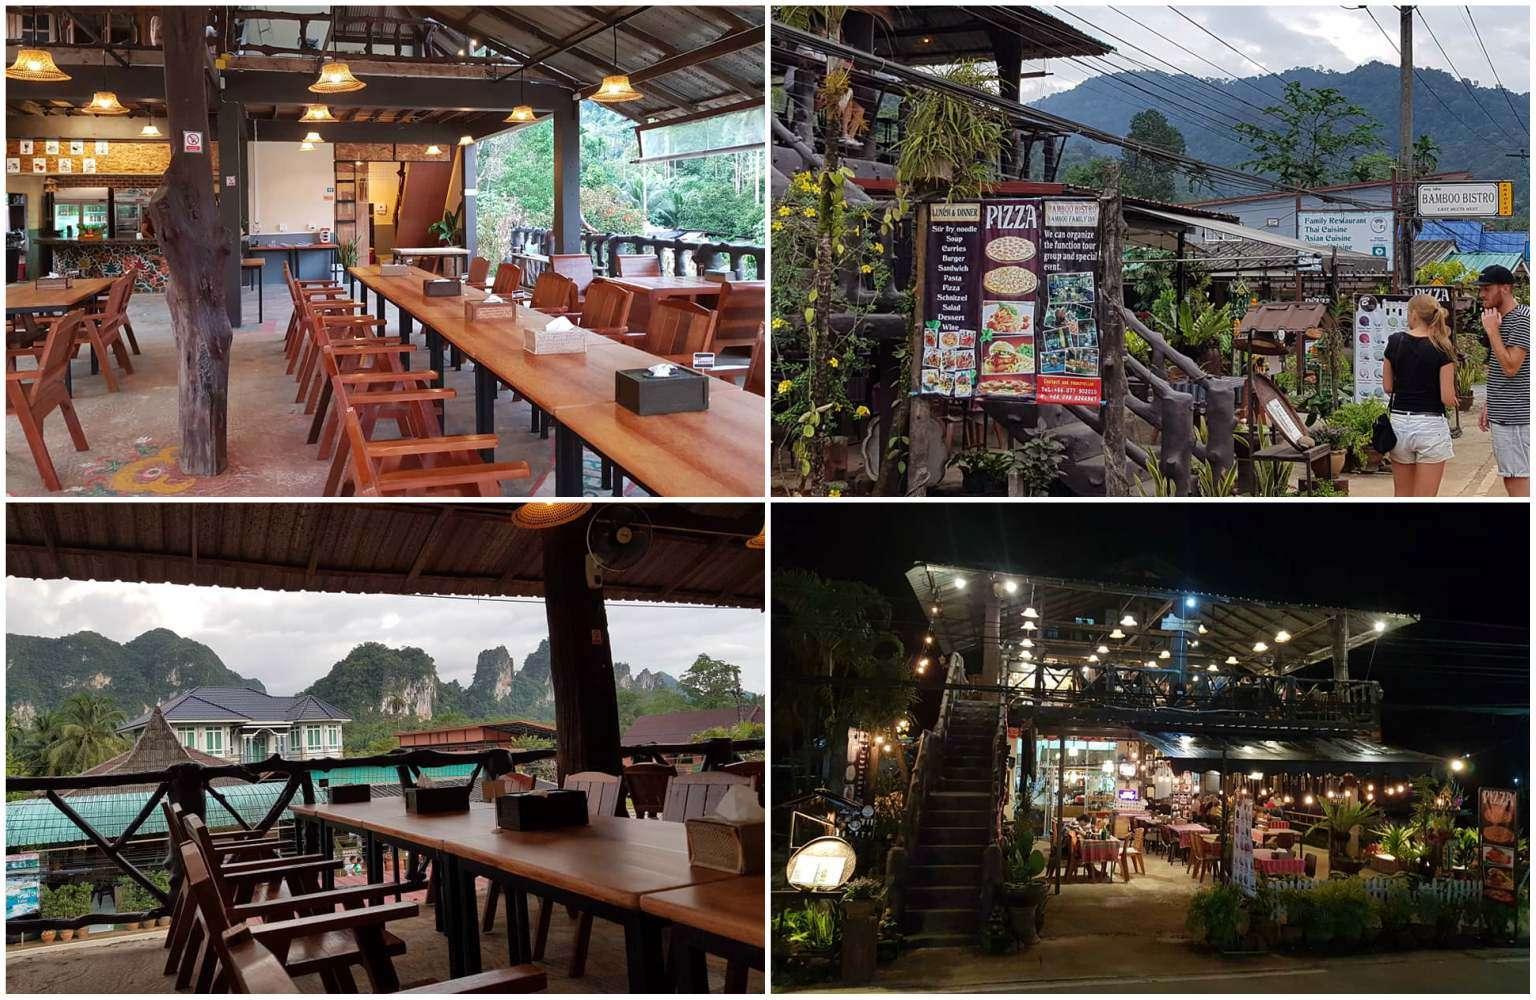 Collage van Bamboo Bistro in Khao Sok, Thailand.Het interieur van Bamboo Bistro beneden en boven, plus het uitzicht vanaf boven op de bergen van Khao Sok en een foto van de voorkan van het restaurant zelf